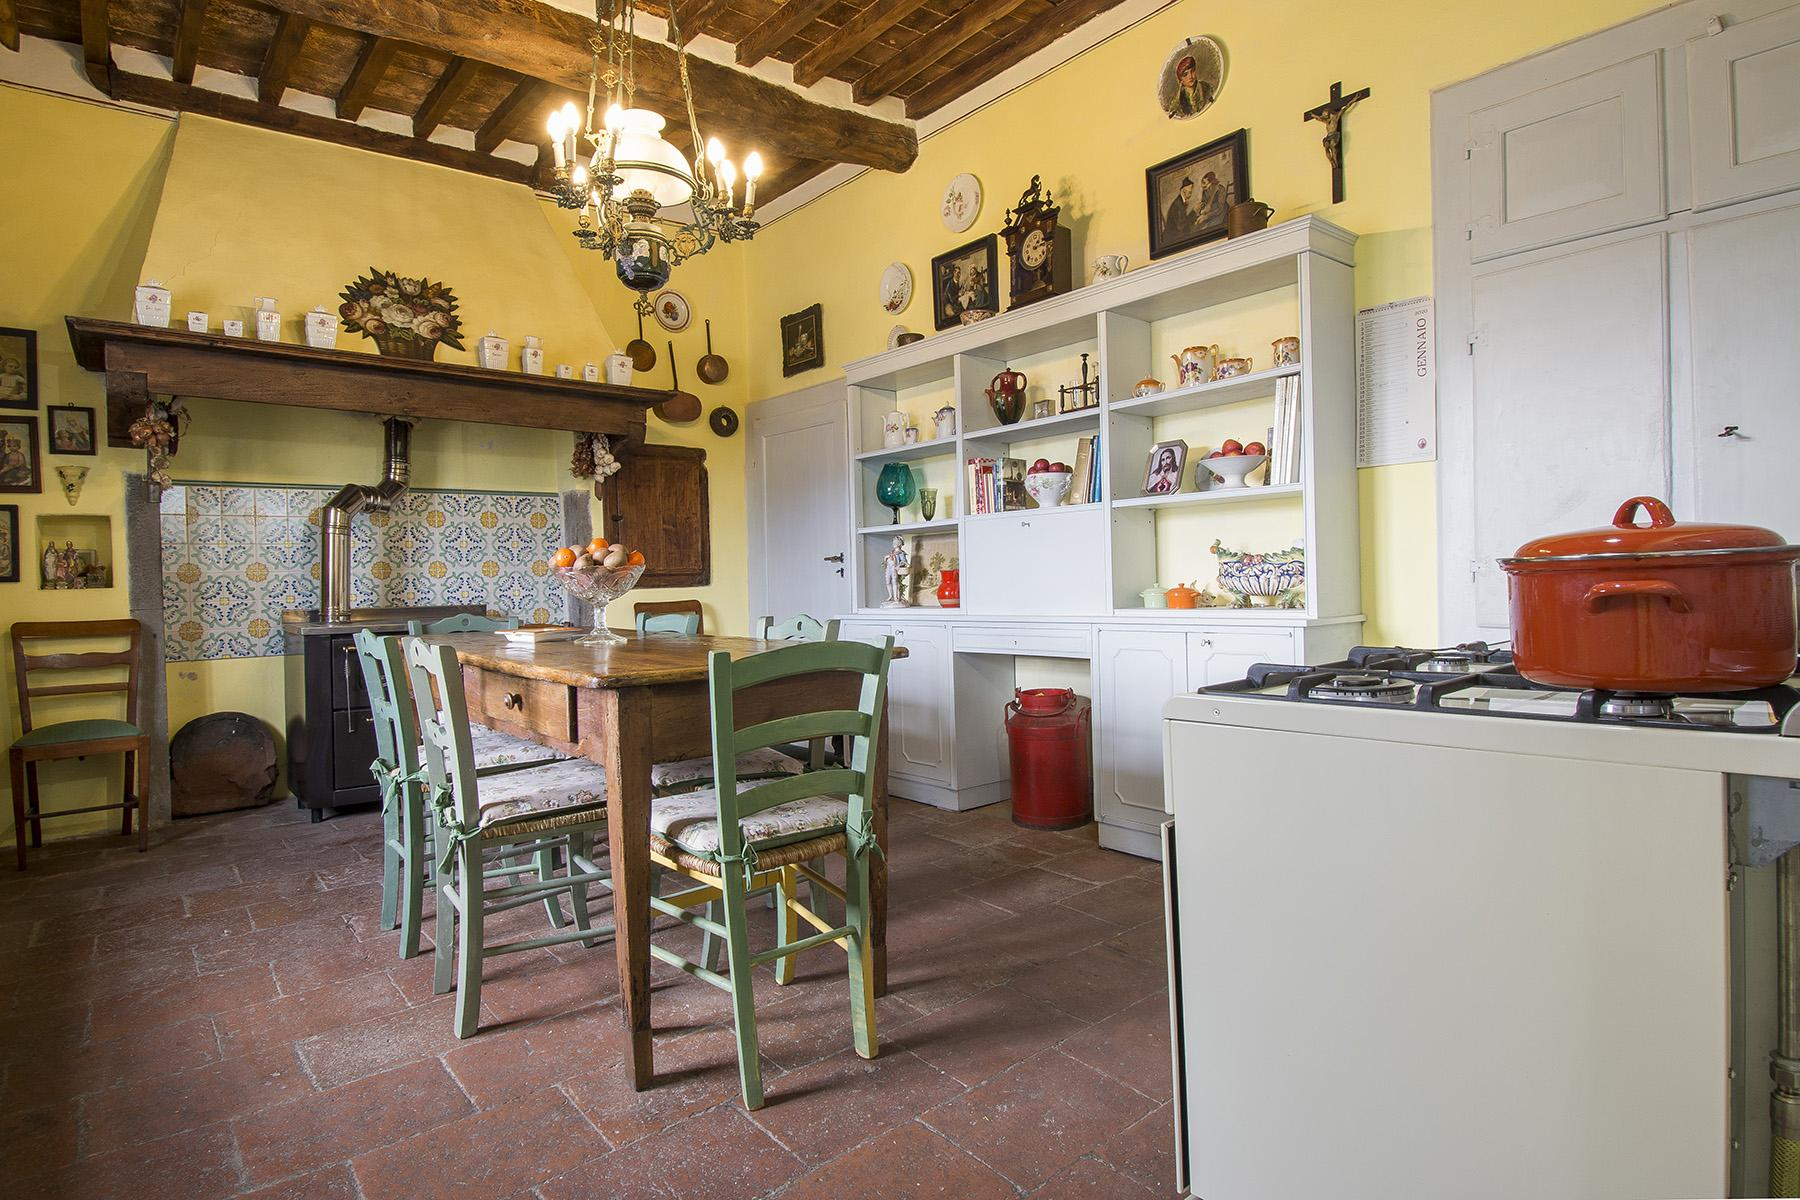 Villa historique près d'un village toscan médiéval - 9